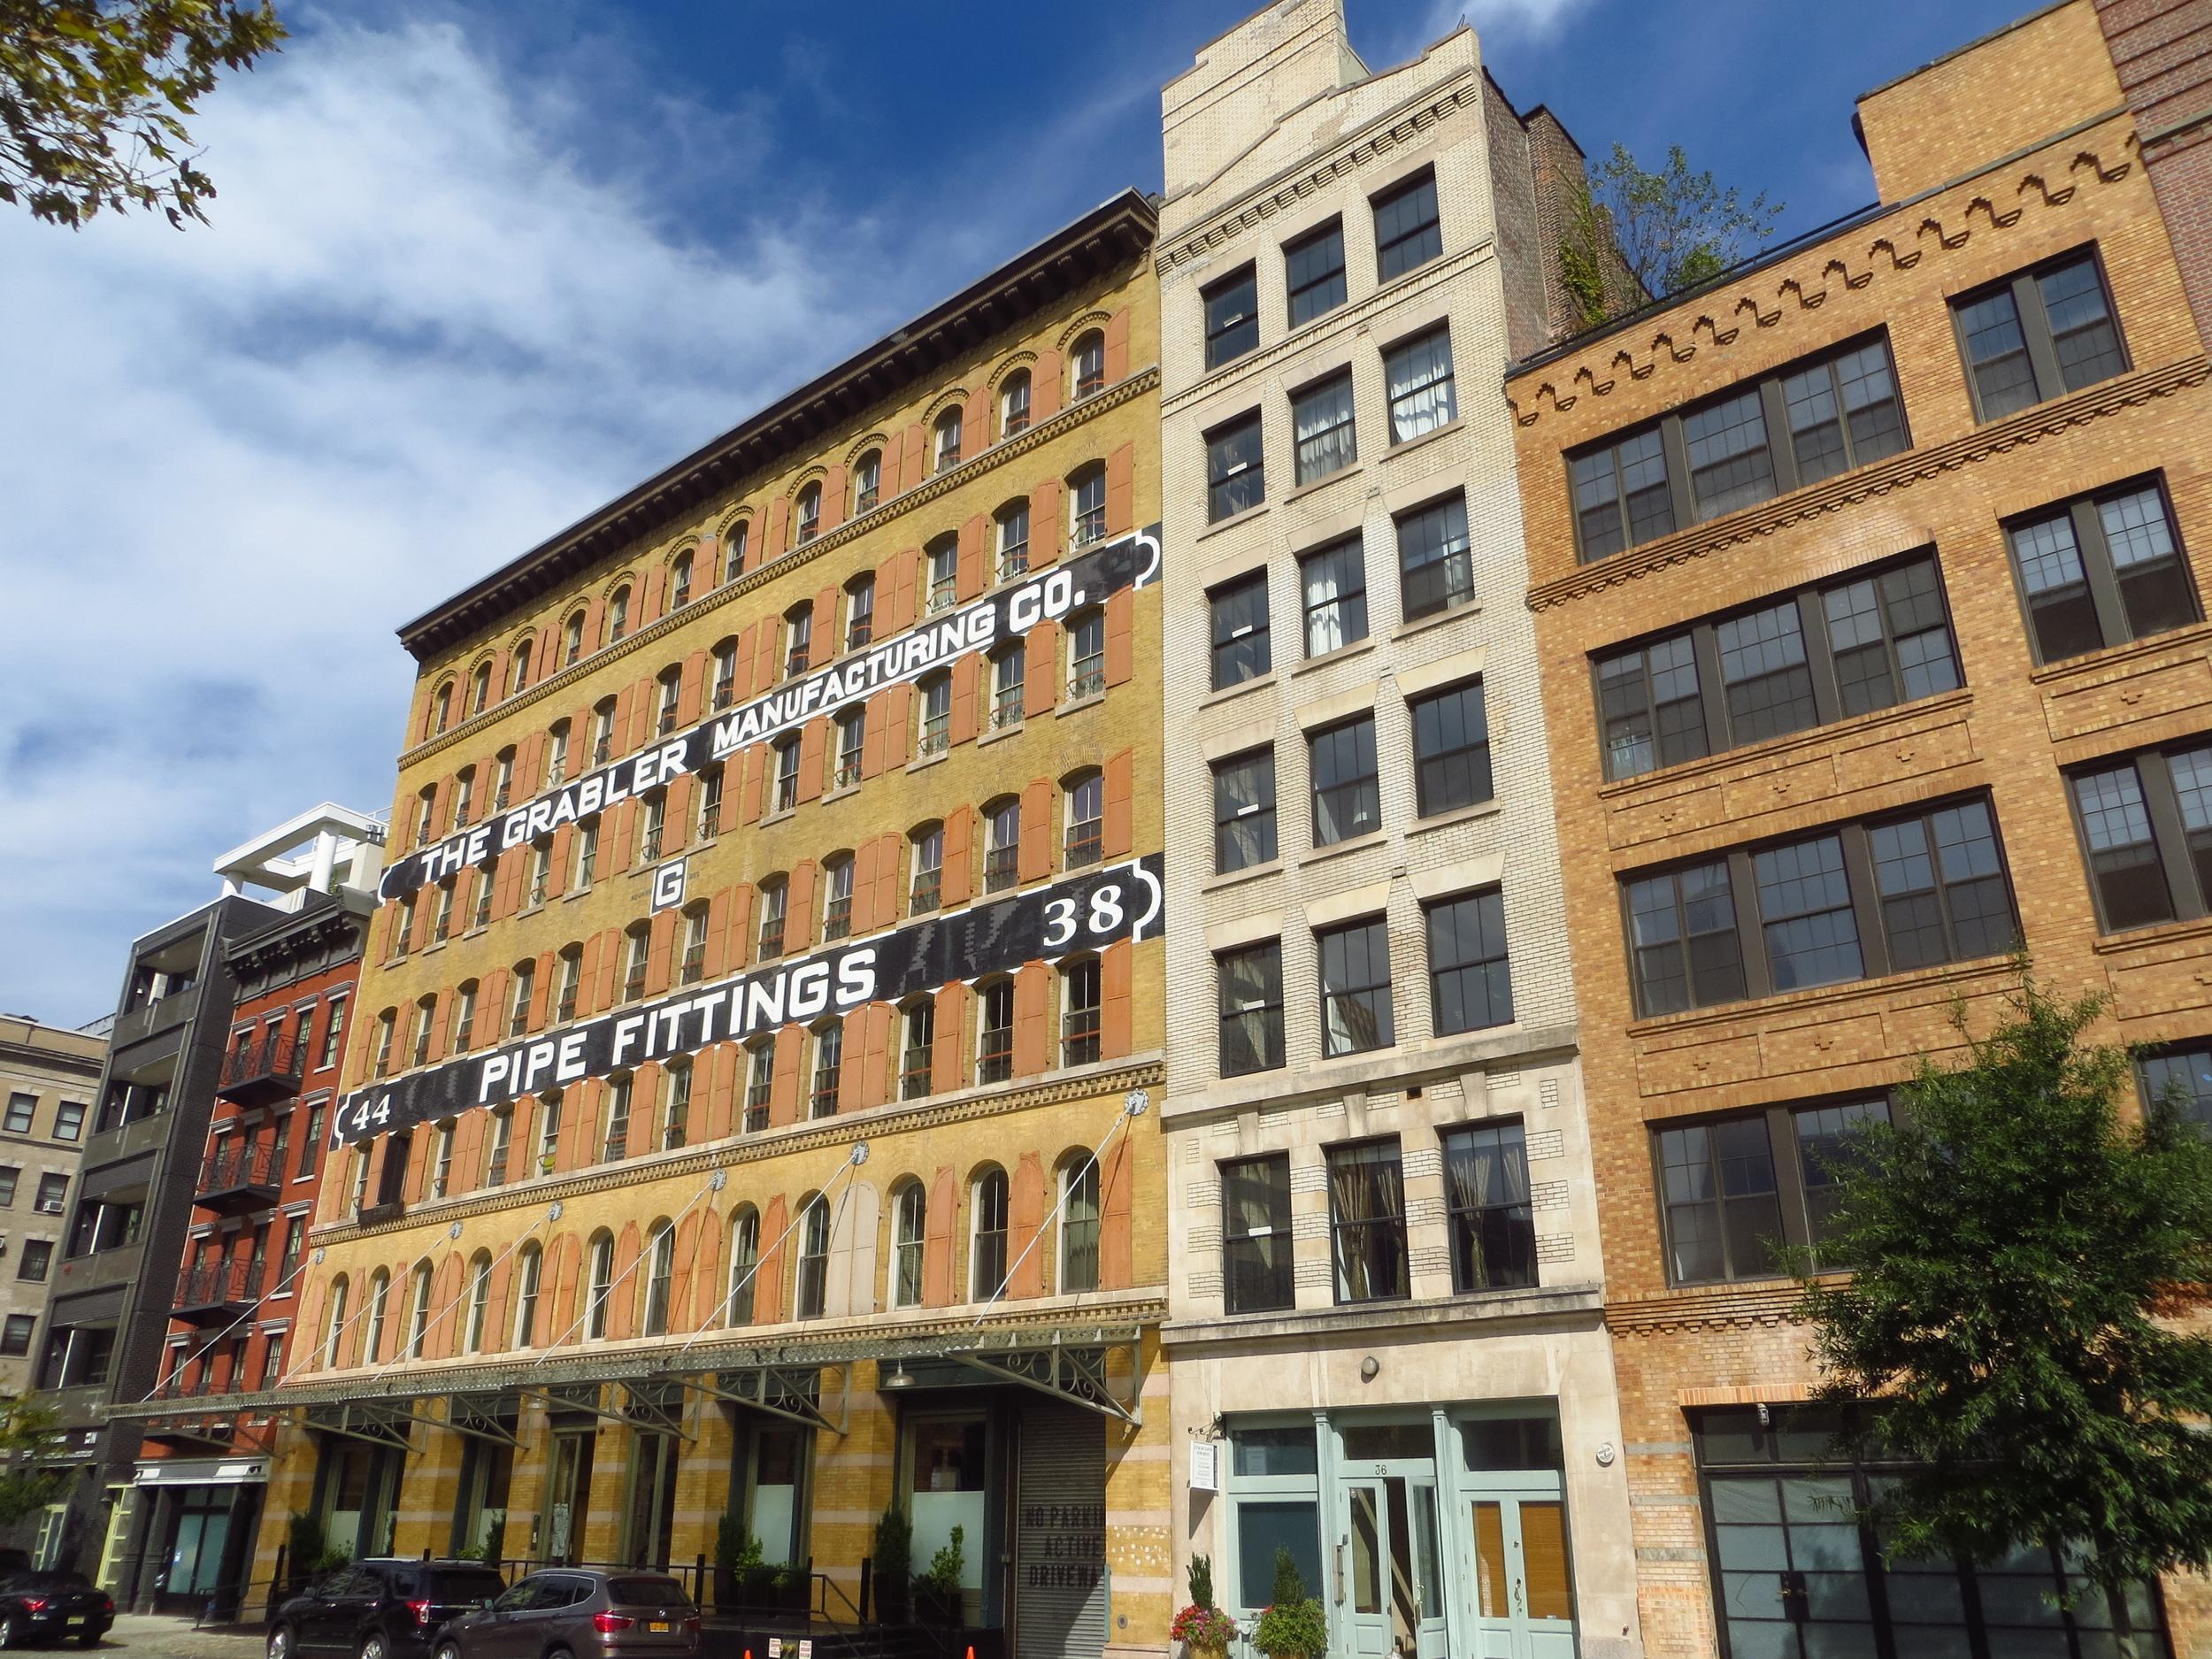 Laight St. buildings